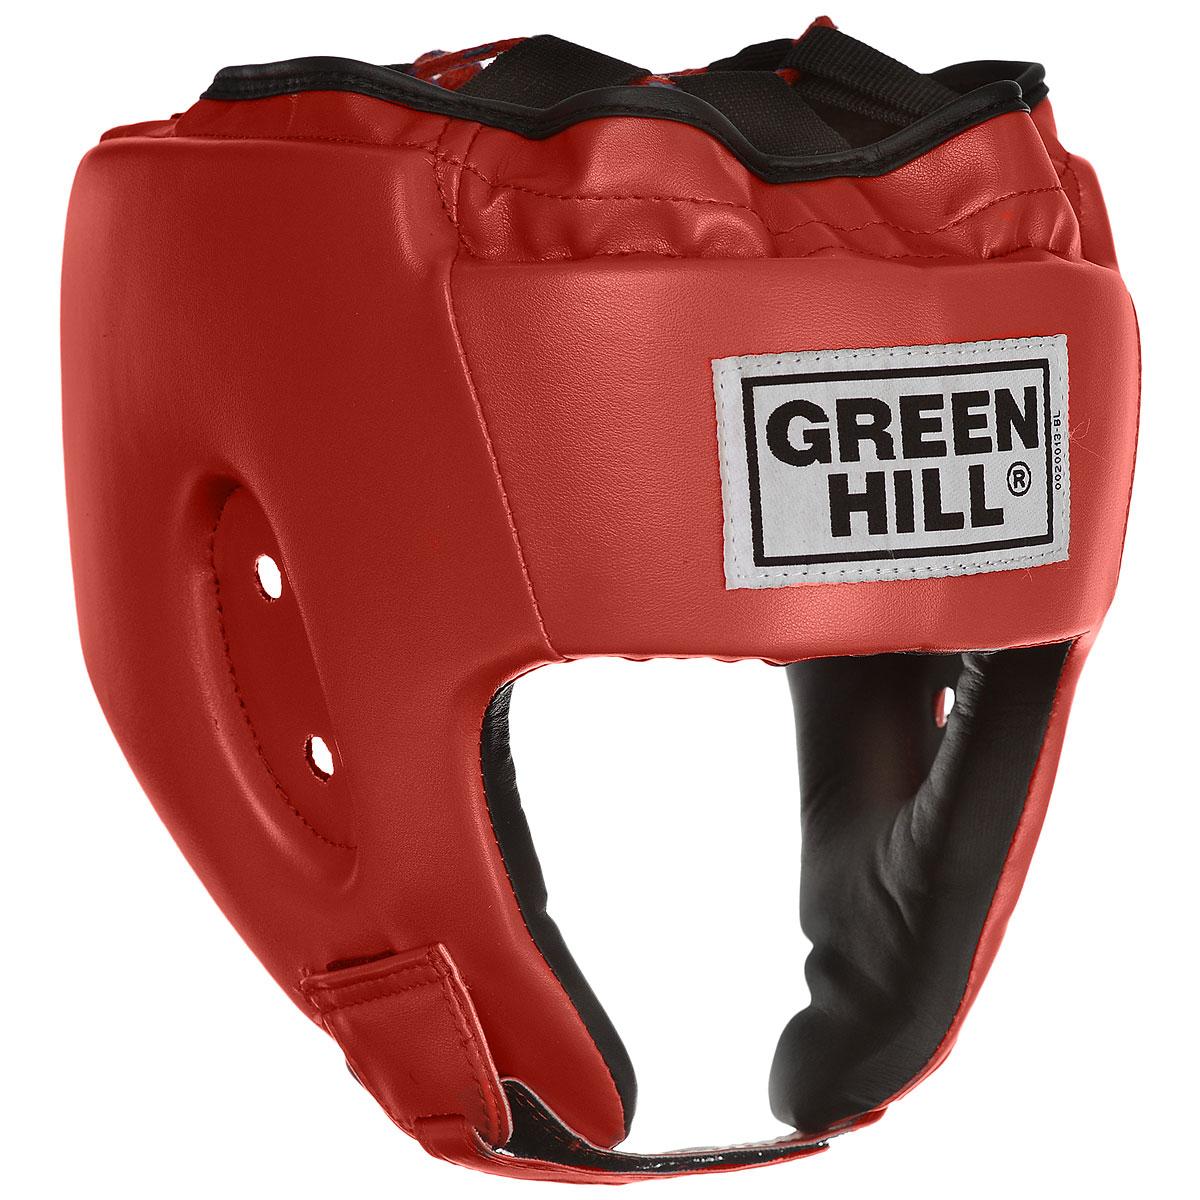 Шлем боксерский Green Hill Alfa, цвет: красный. Размер S (48-53 см)HGA-4014Боксерский шлем Green Hill Alfa предназначен для защиты головы от повреждений во время занятий боксом и кикбоксингом. Подходит как для тренировок, так и для соревнований. Выполнен из высококачественной искусственной кожи. Шлем имеет двойную систему крепления, которая крепко удерживает его на голове: шнуровка сверху, застежка на липучке на затылке и под подбородком. Крепления регулируемые, благодаря чему шлем можно подогнать четко под свой размер. Обеспечивает достаточную защиту и обзор во время поединка.